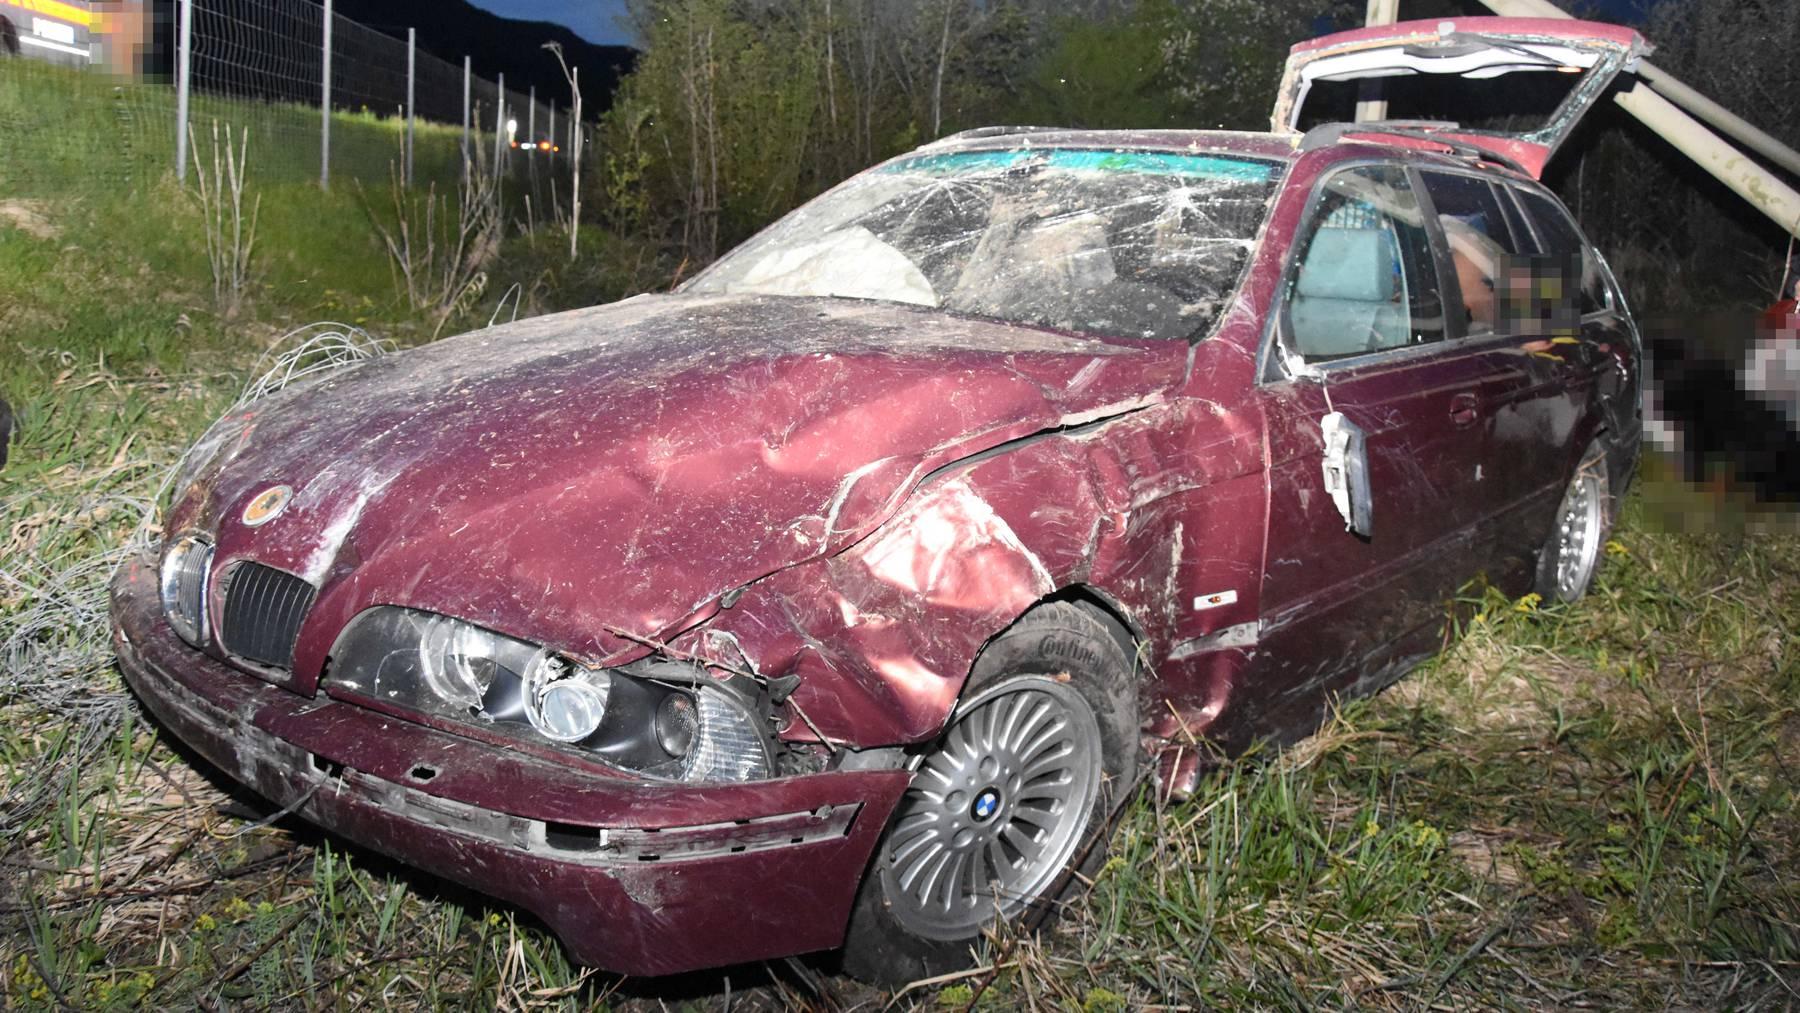 Die Fahrzeuginsassen konnten das Auto selbstständig verlassen.